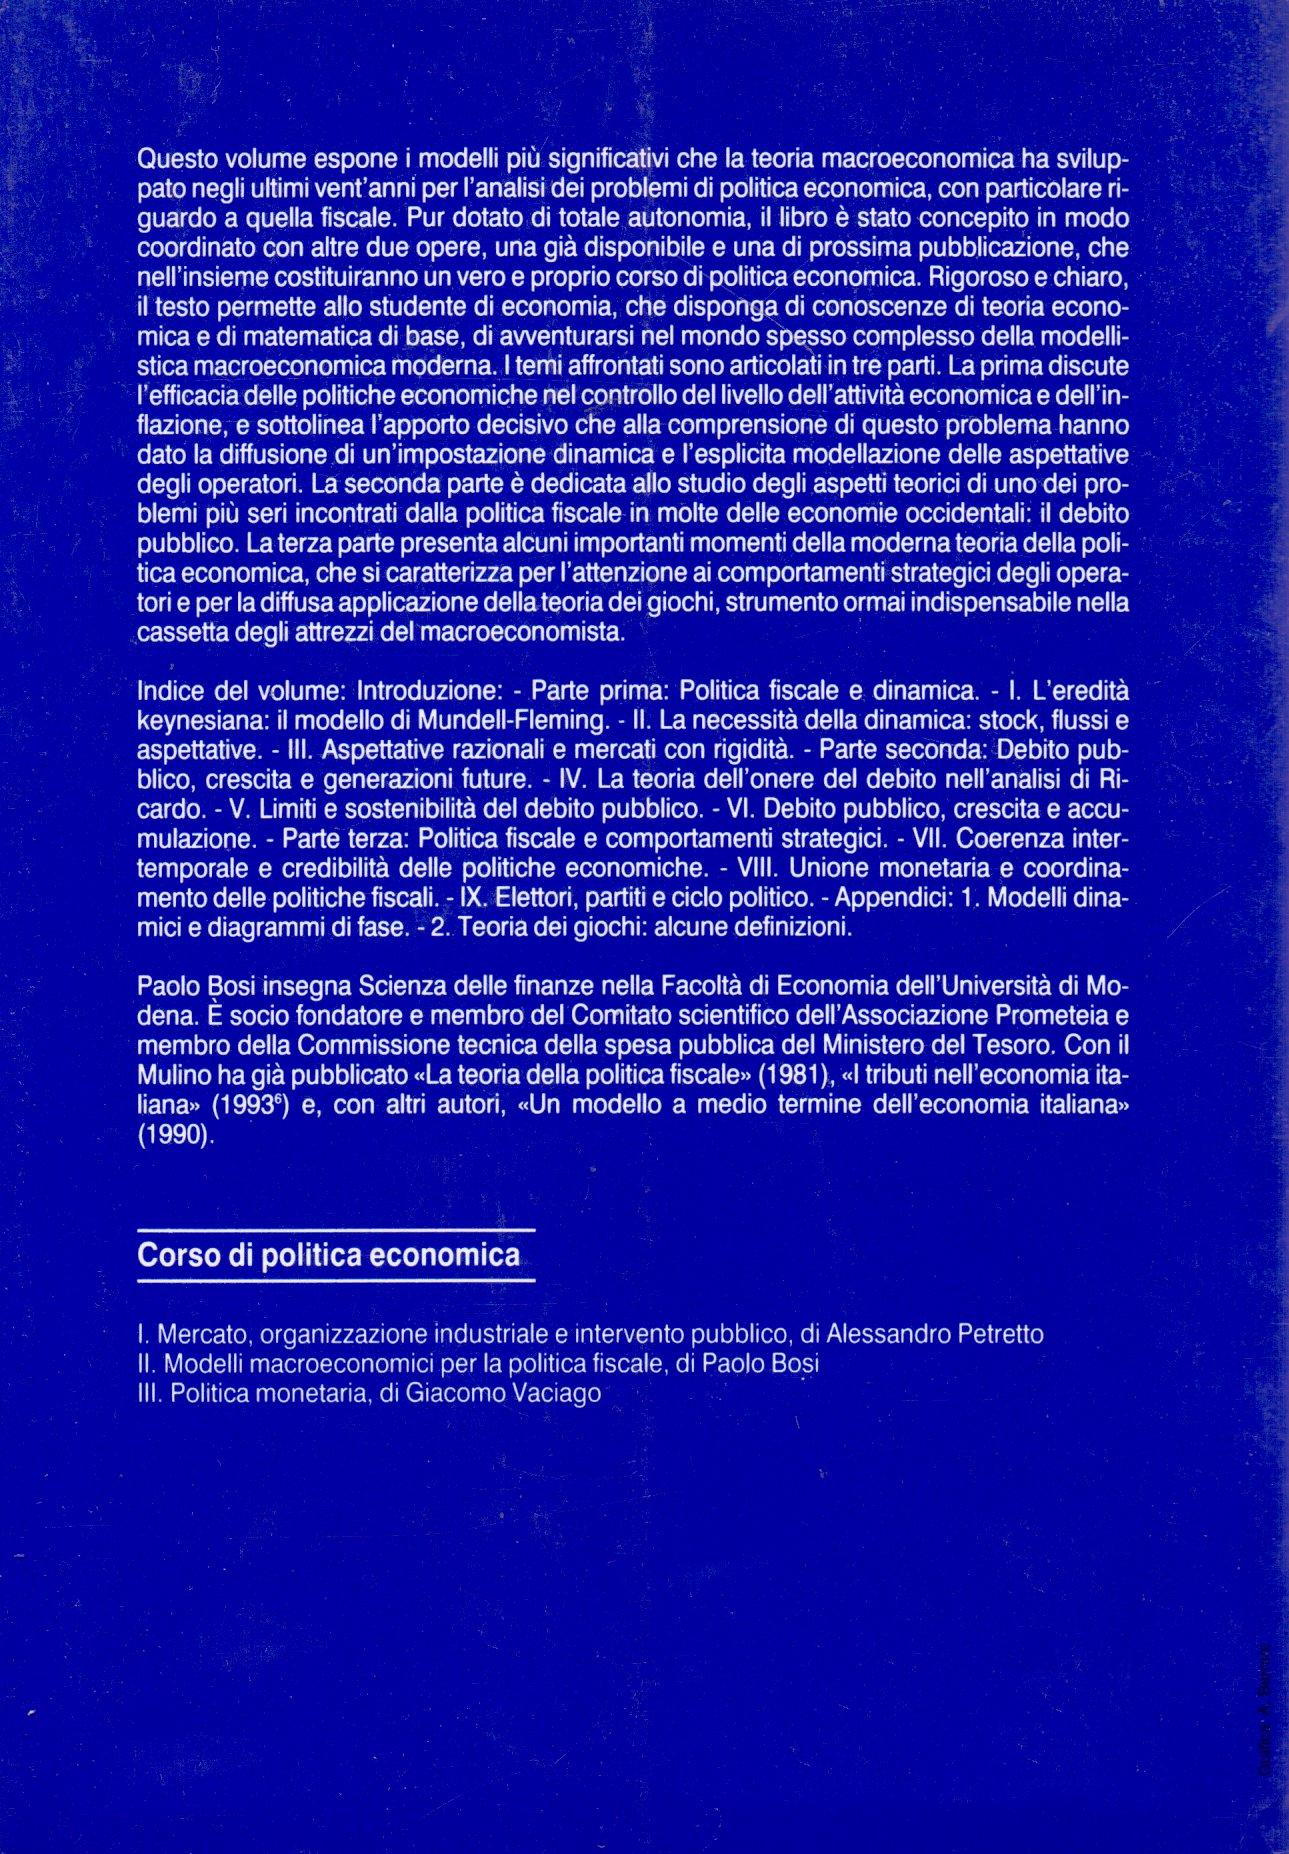 Corso di politica economica. 2.: Modelli macroeconomici per la politica fiscale.